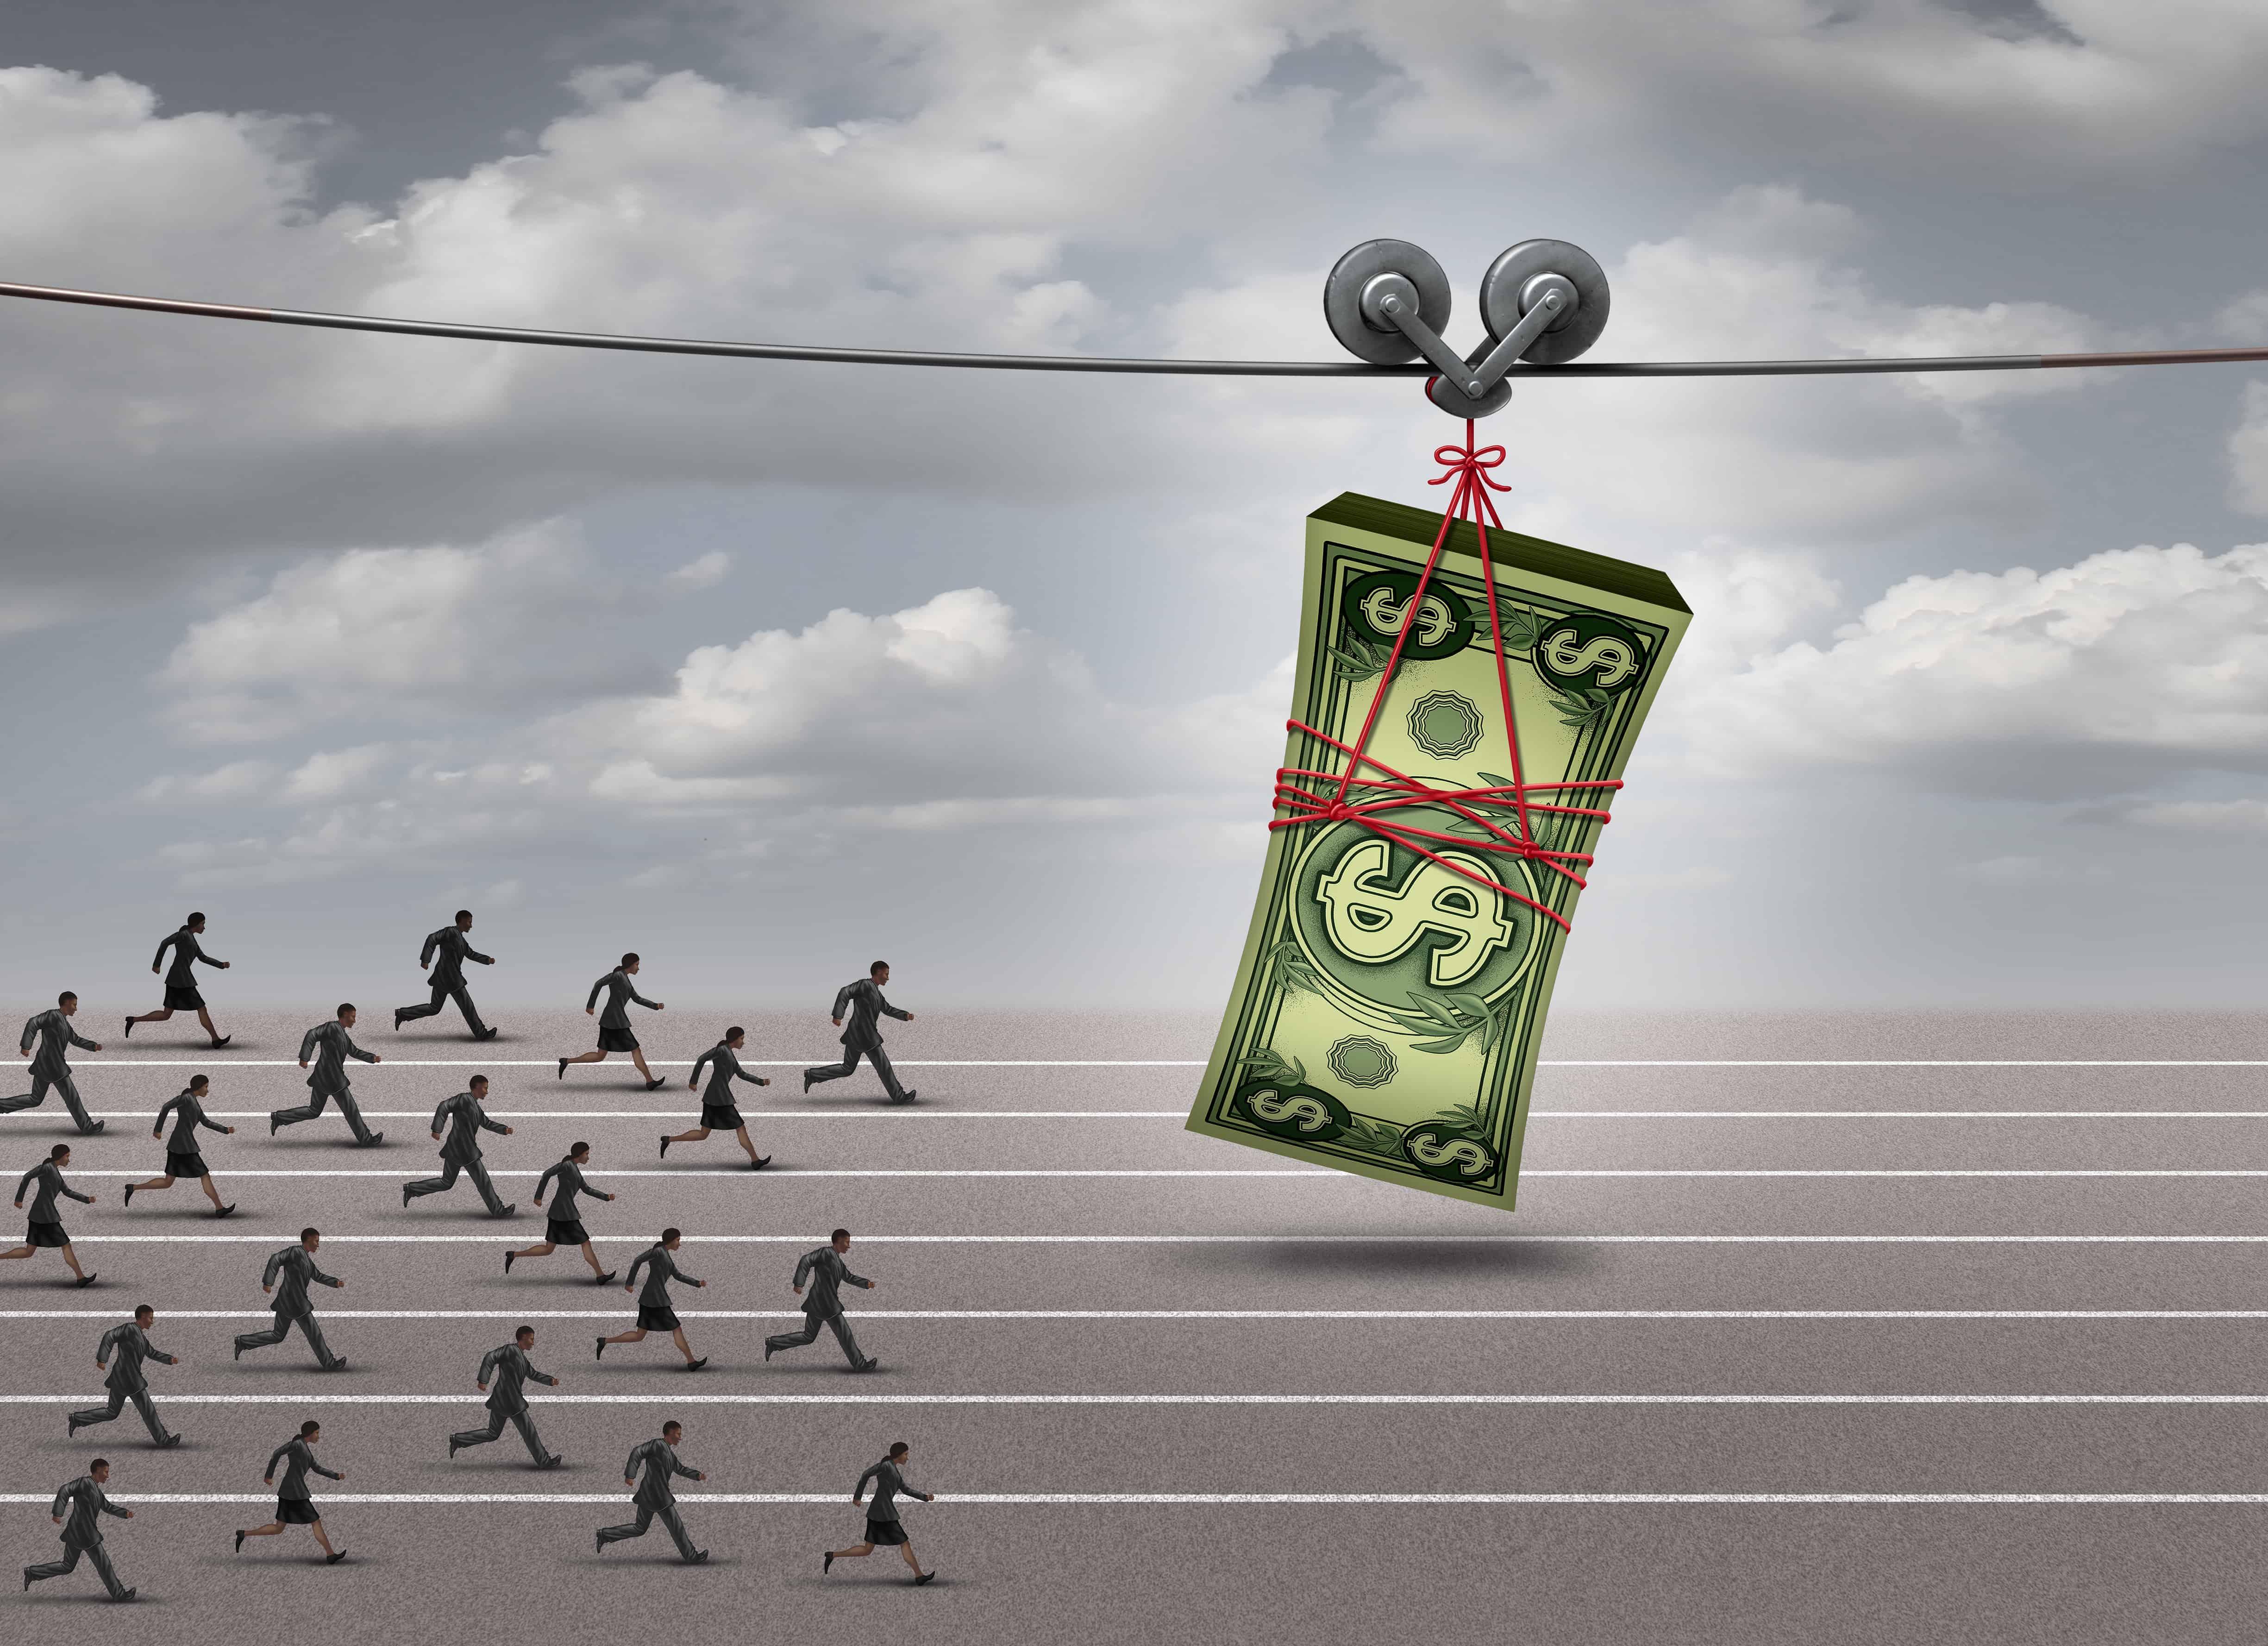 Ein Geldbündel läuft, an einem Seil hängend, vor Menschen her und lockt sie. Motivation im Vertrieb. Prämien und Incentives.